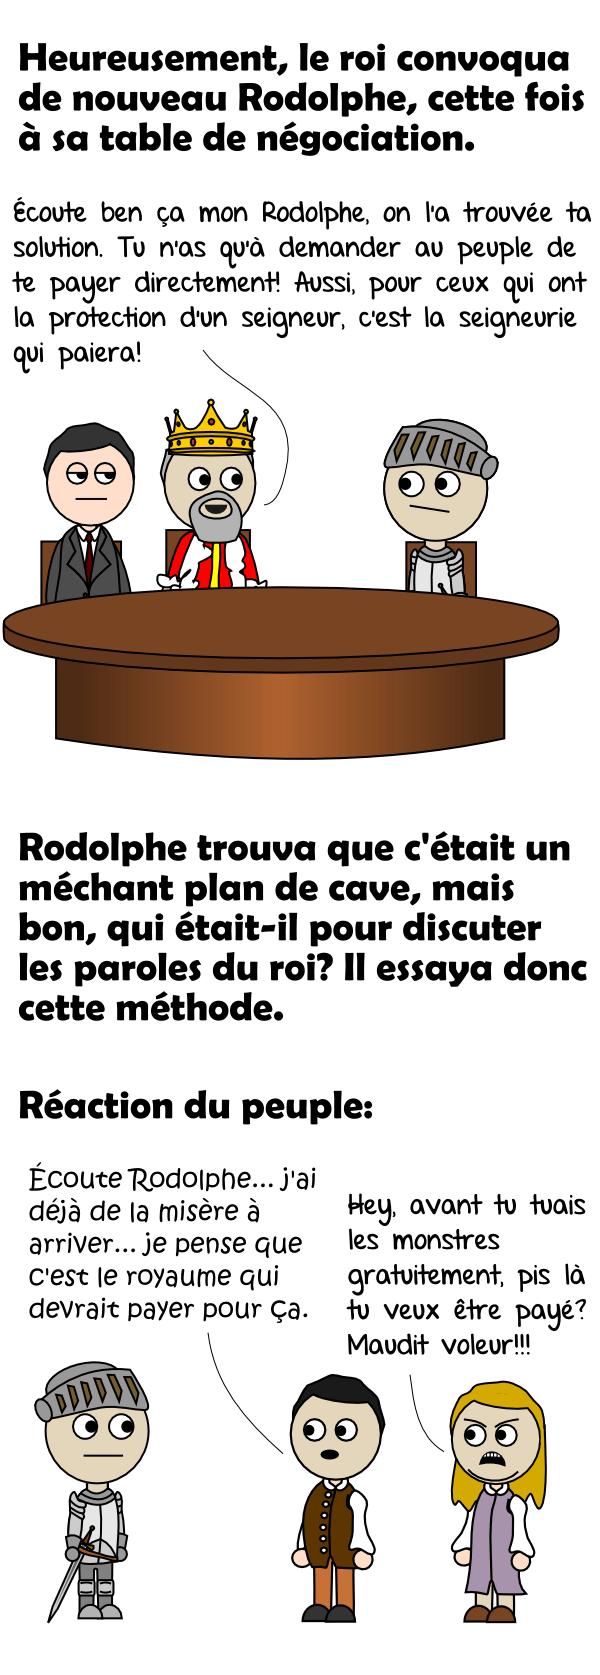 La table de négotiation du roi et la réaction du peuple